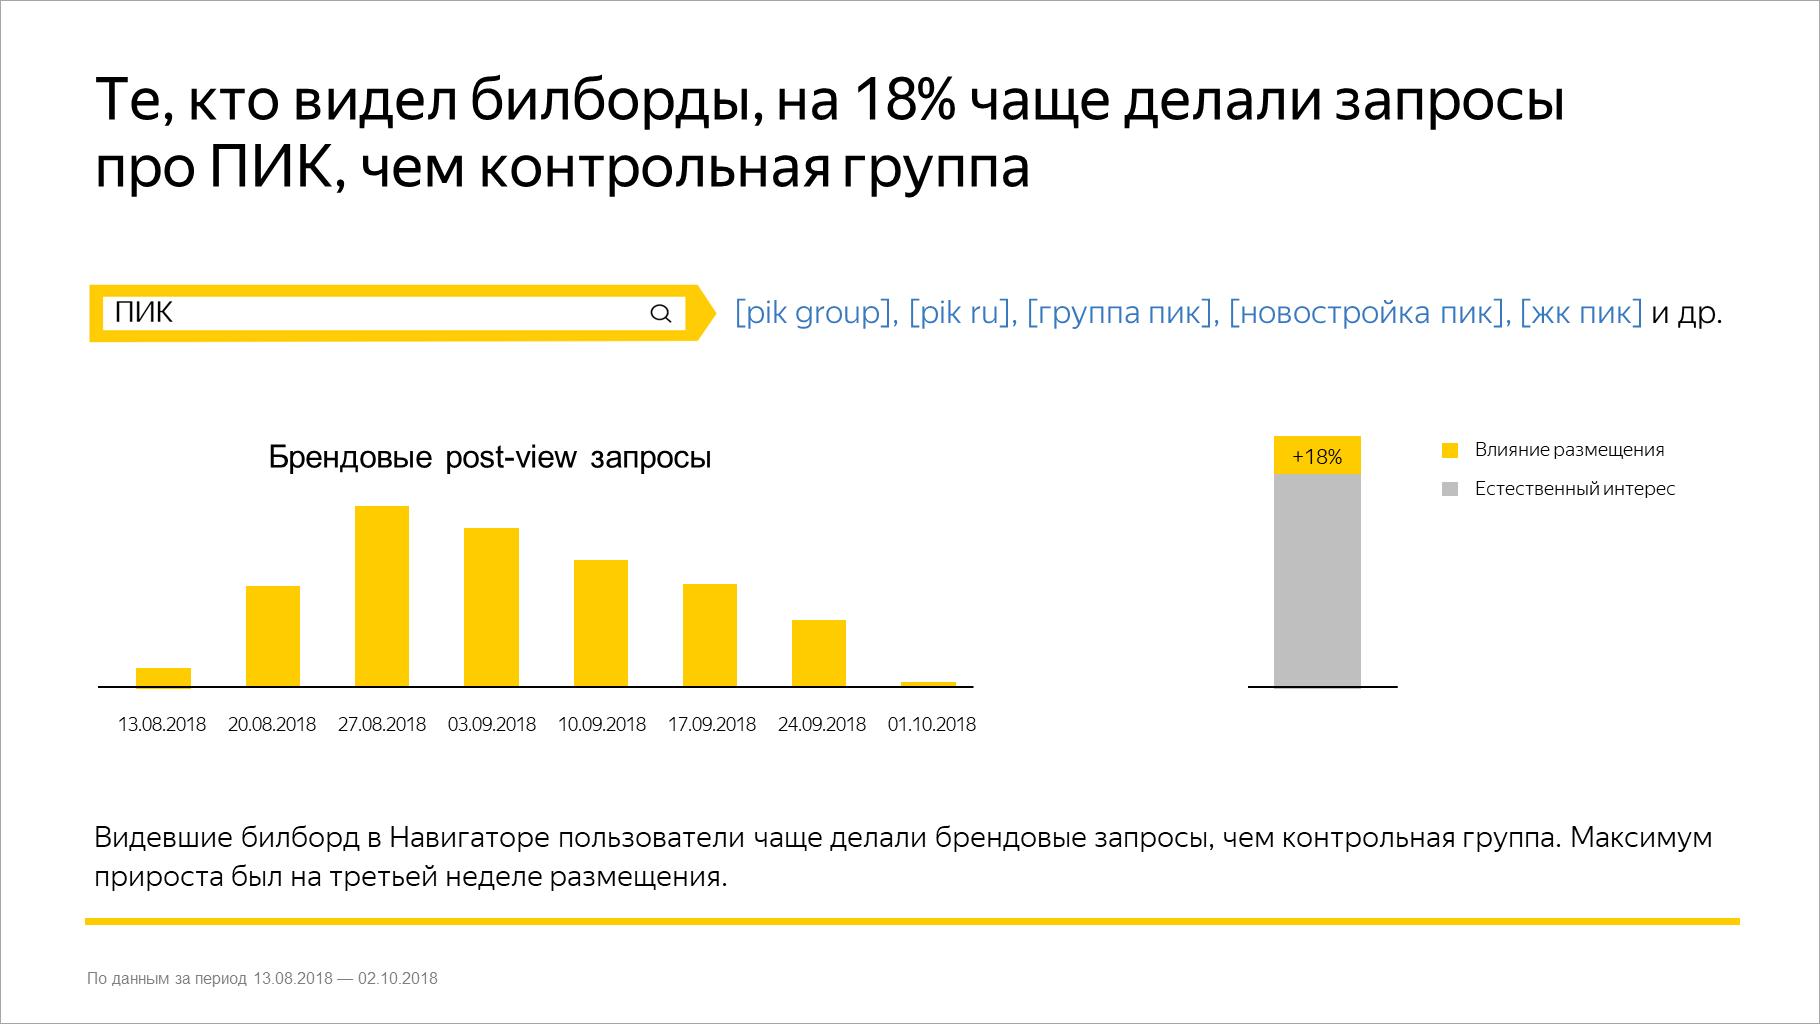 Те, кто видел билборды, на 18% чаще делали запросы про ПИК, чем контрольная группа